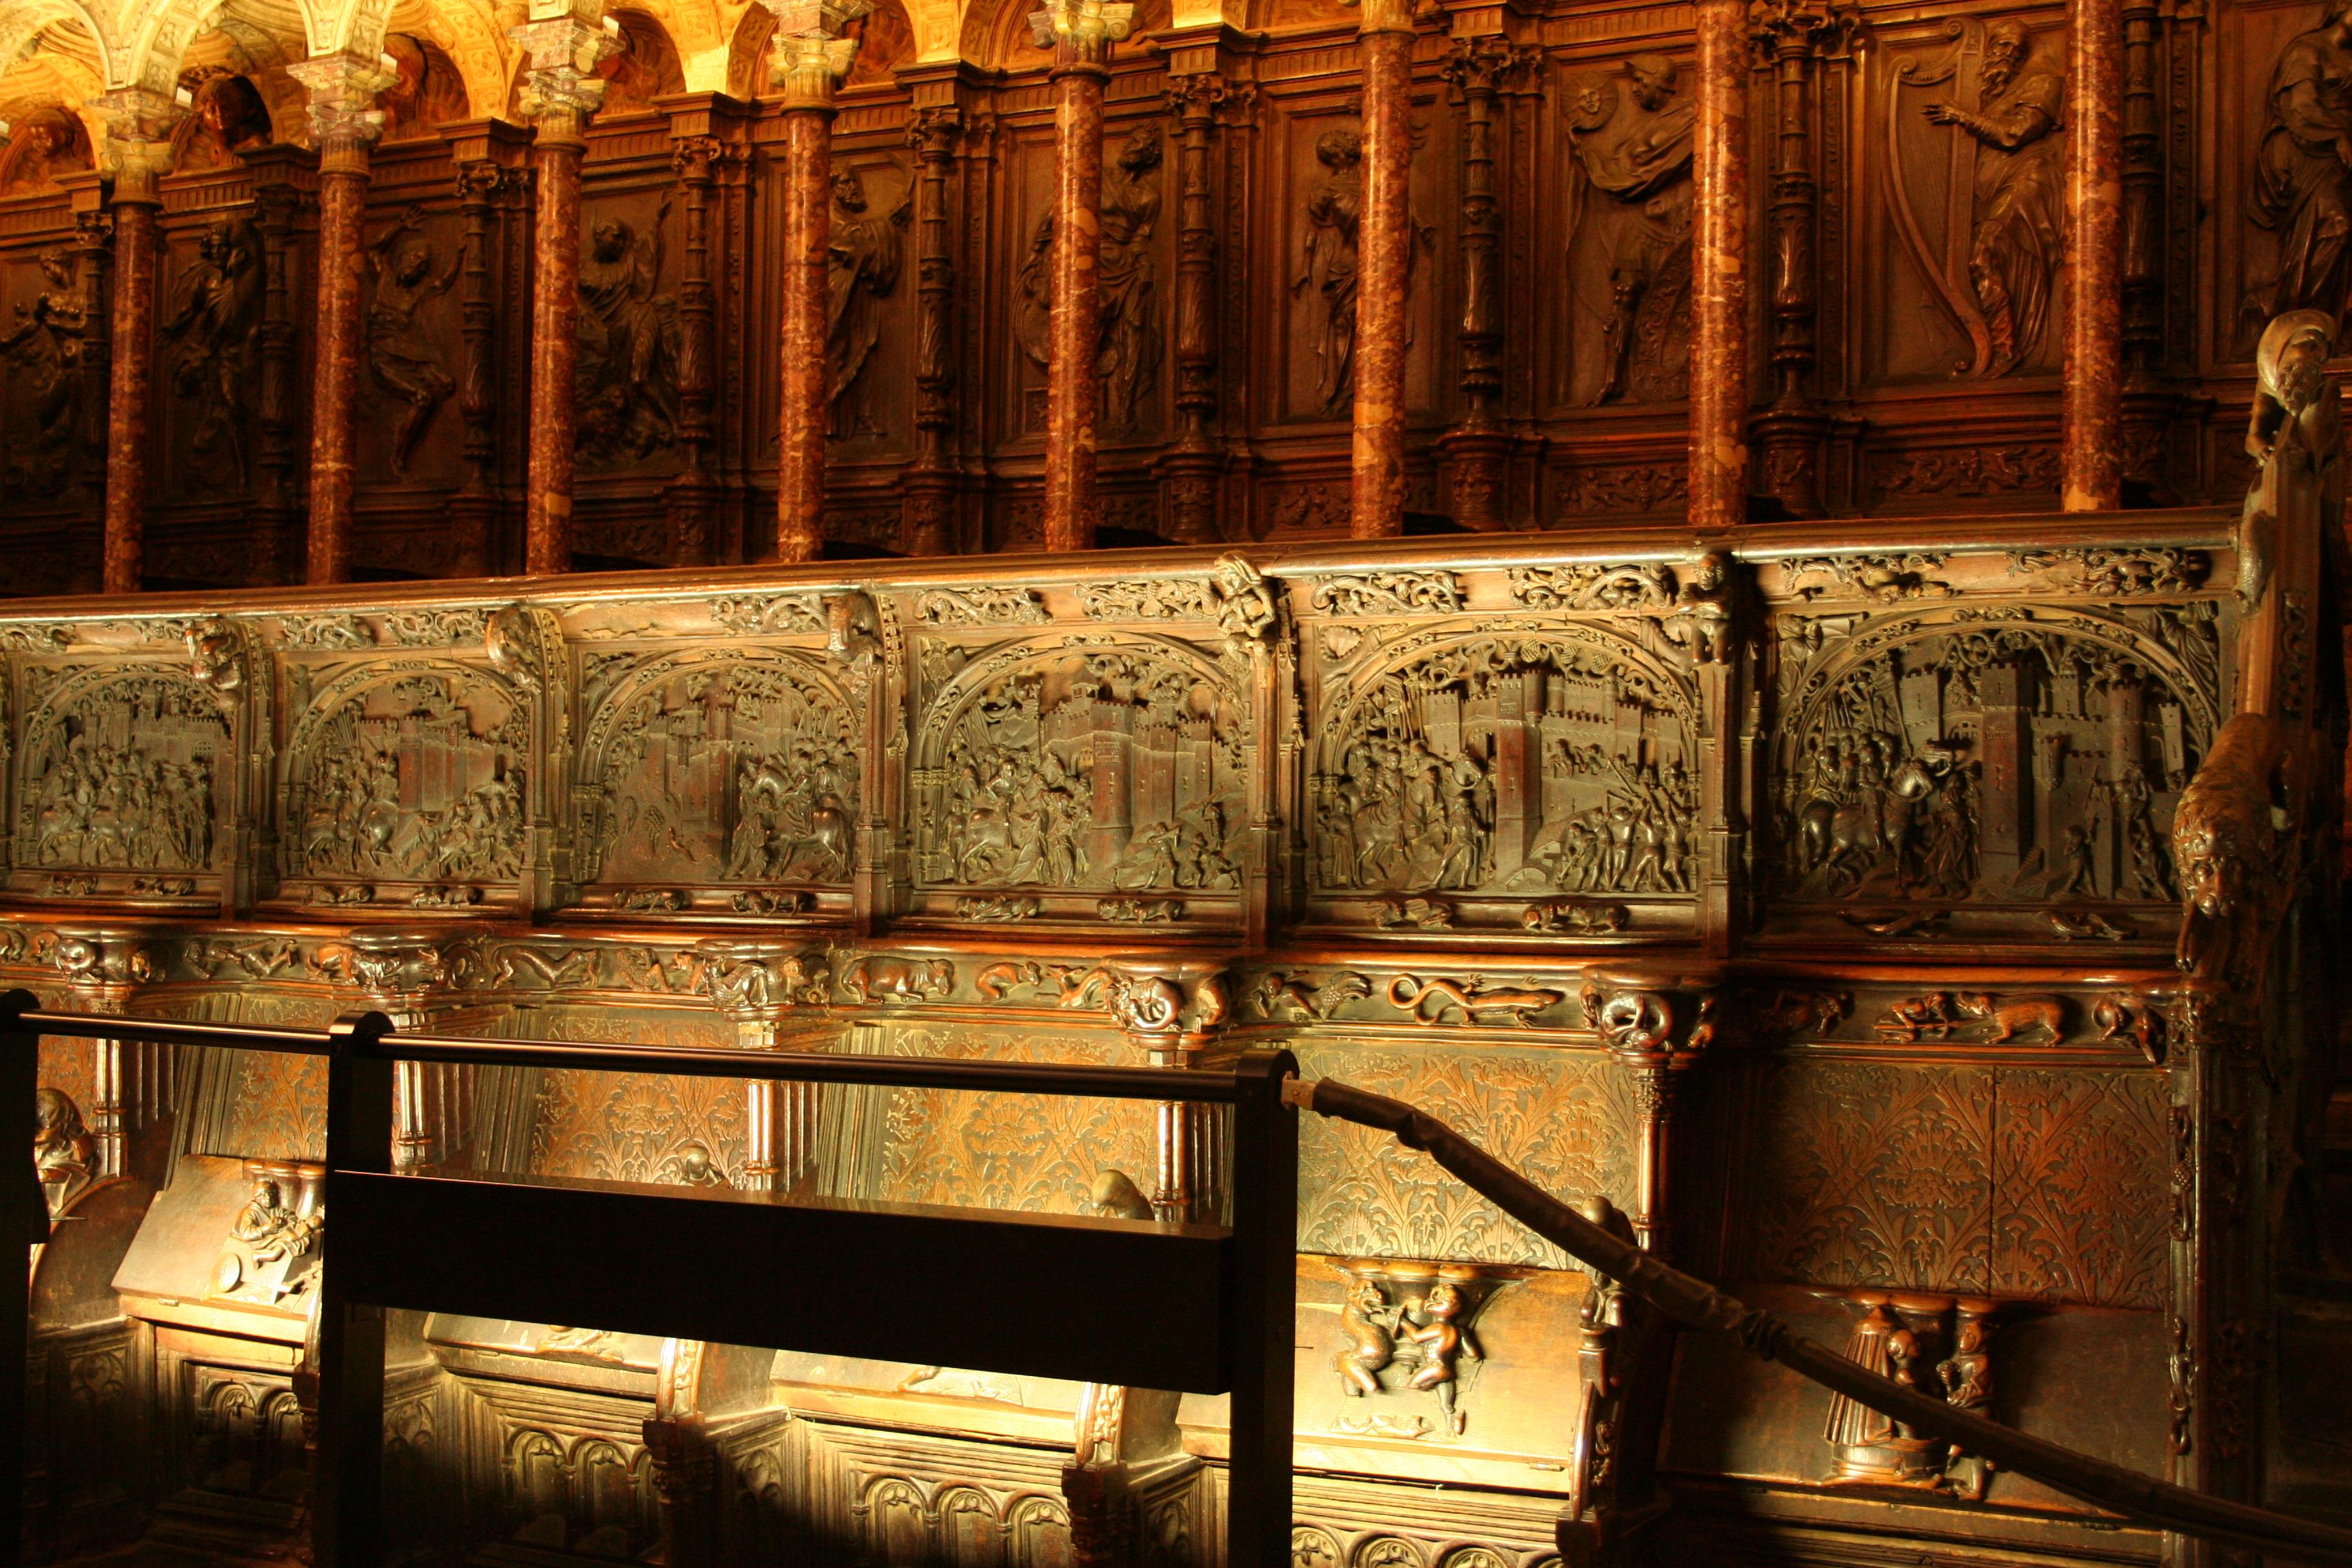 File Coro Catedral Toledo Silleria Jpg Wikimedia Commons